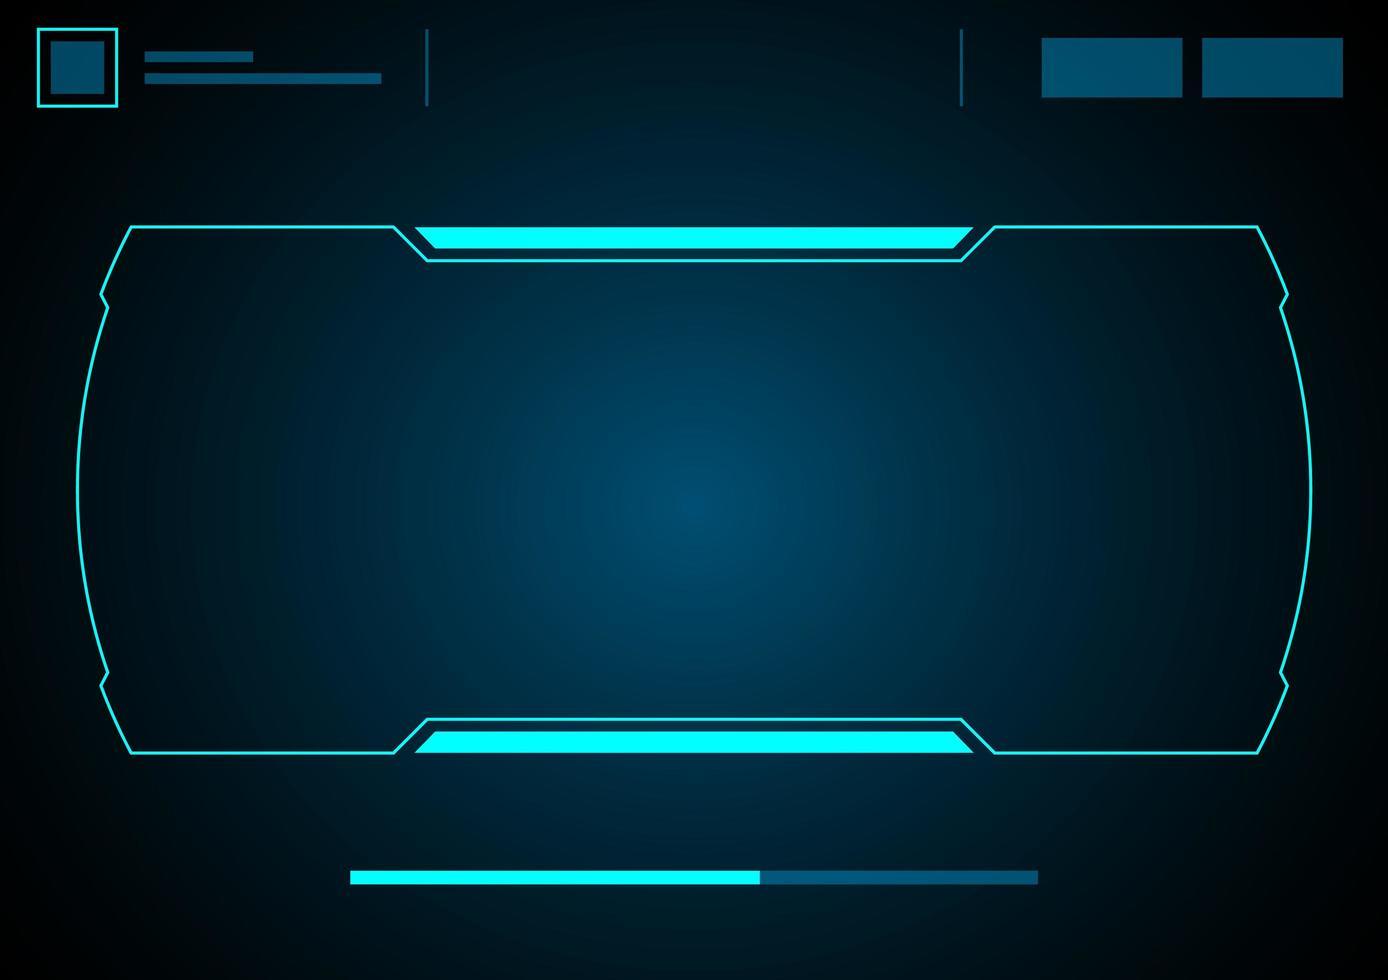 panel de control del juego futuro interfaz hud vector